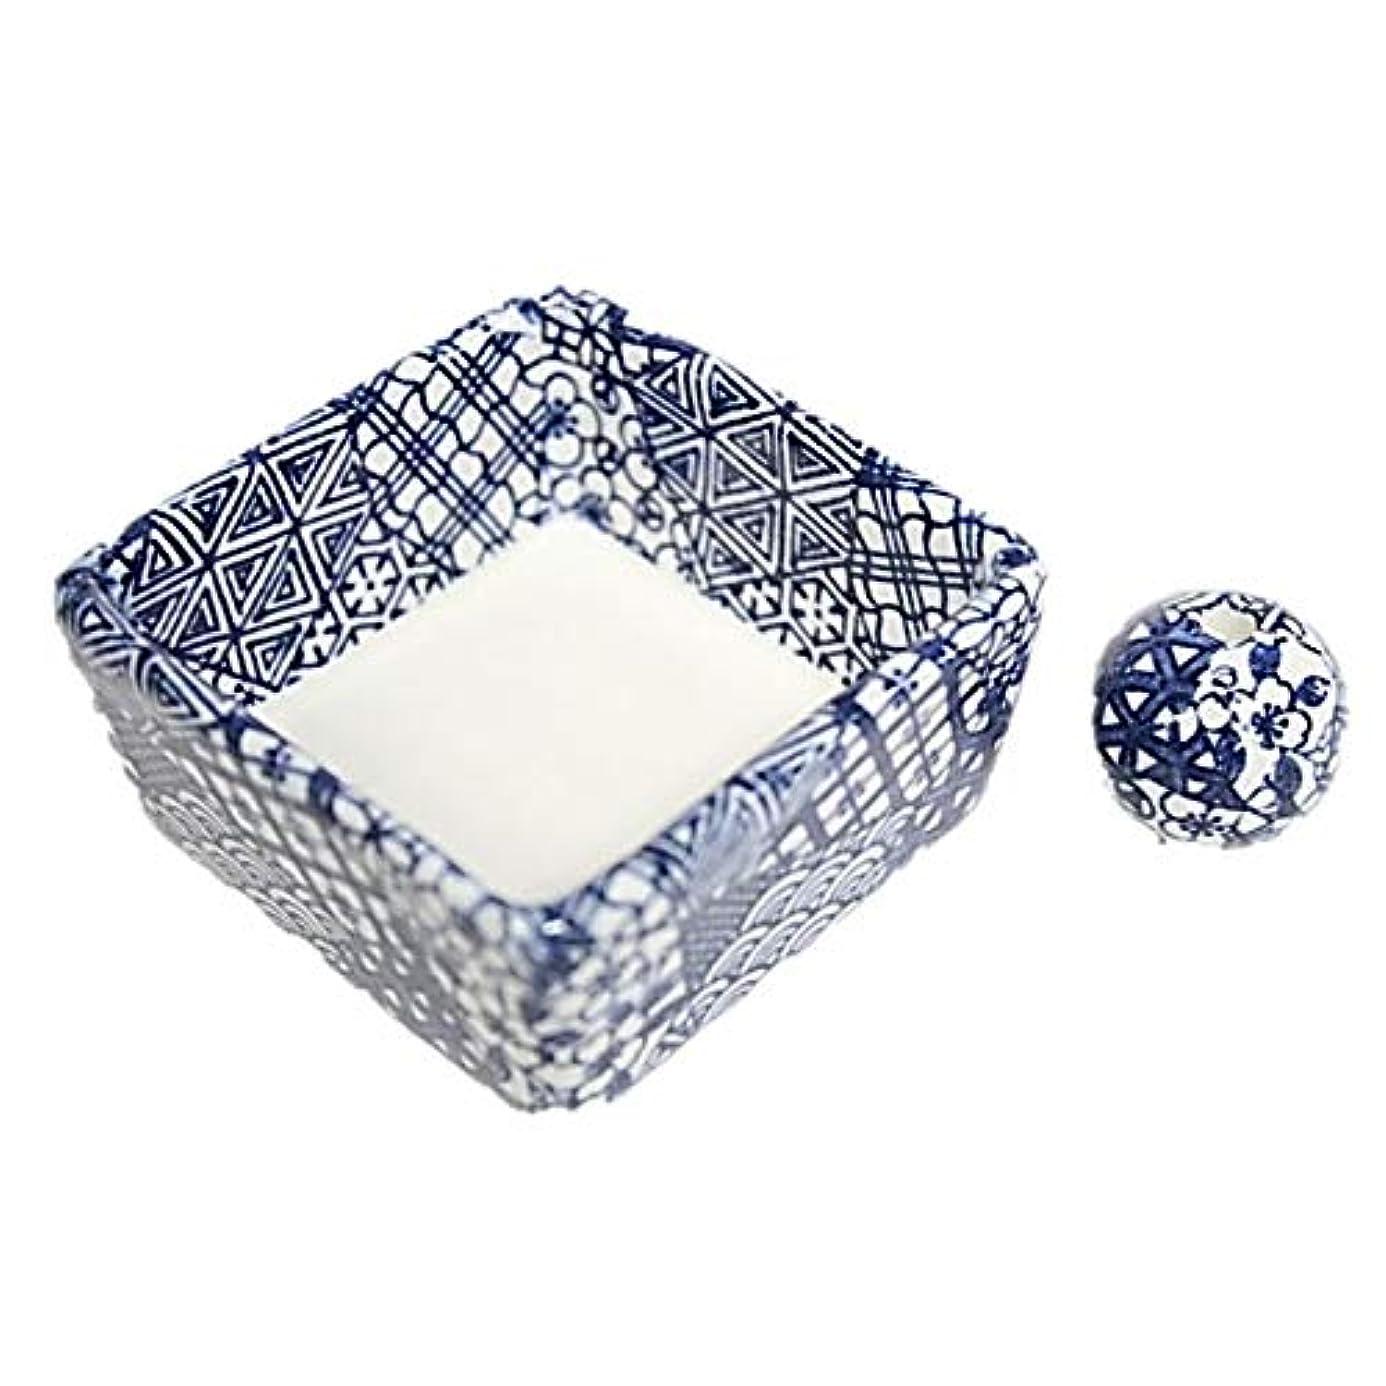 記念碑的なコンベンション馬鹿げた和モダン 五条 お香立て 陶器 角鉢 製造直売品